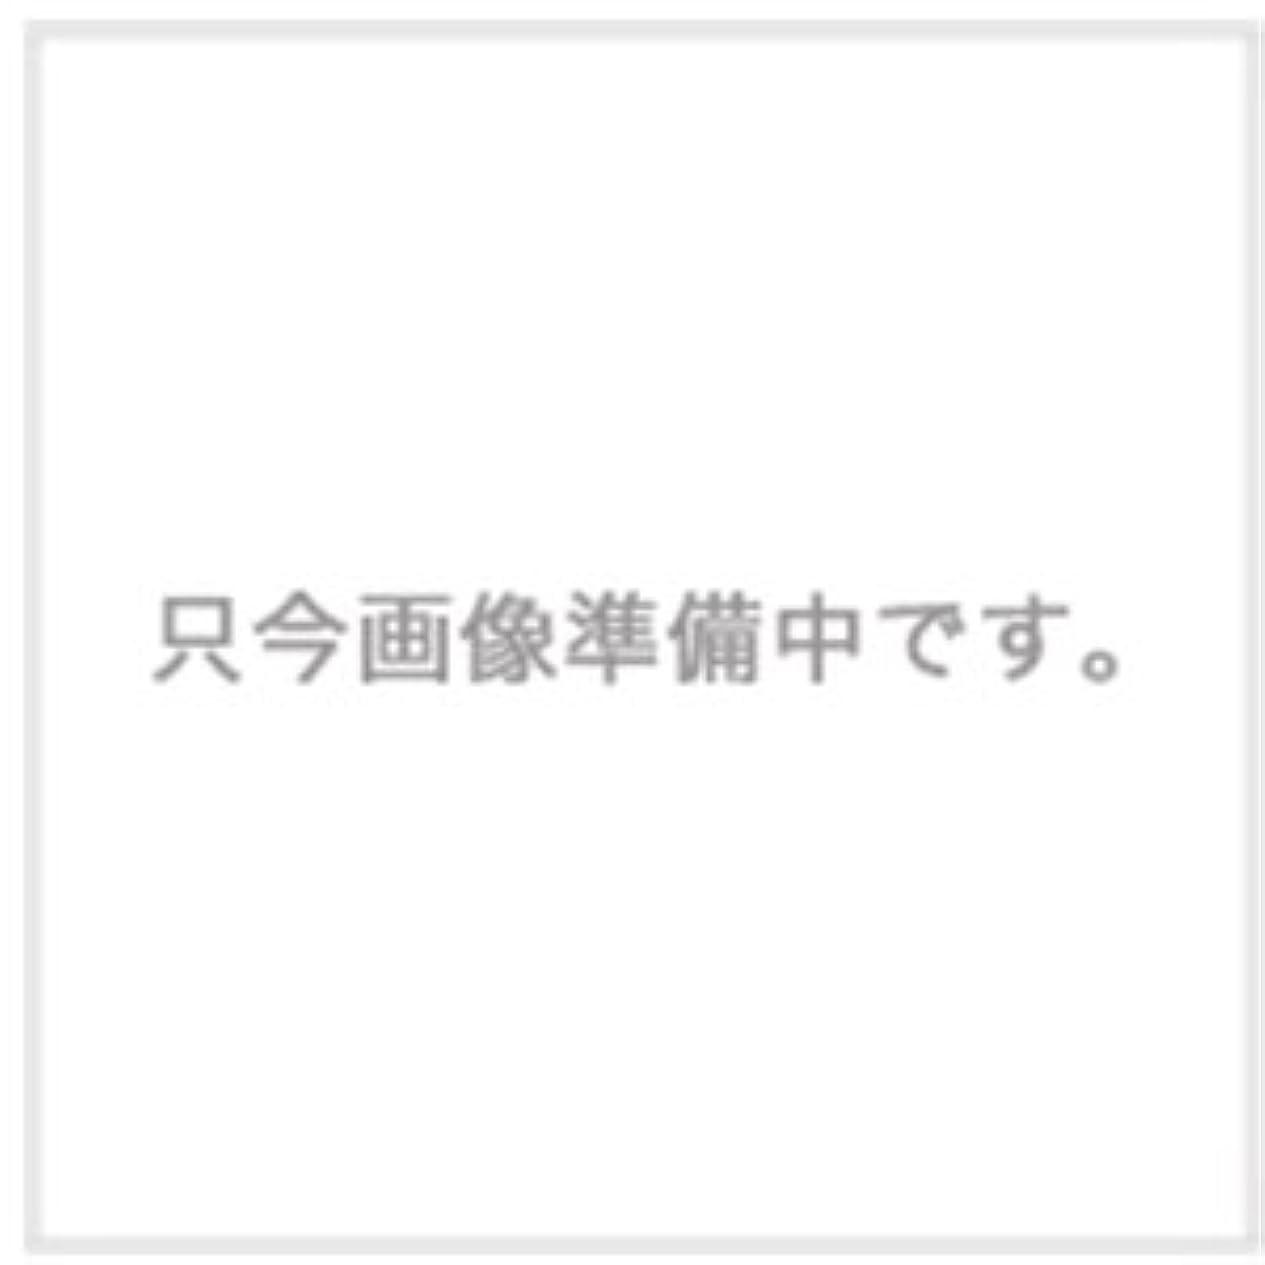 贅沢大胆同化ハホニコ ザ?ラメラメ トリートメント No.1 1000g用ハードケース